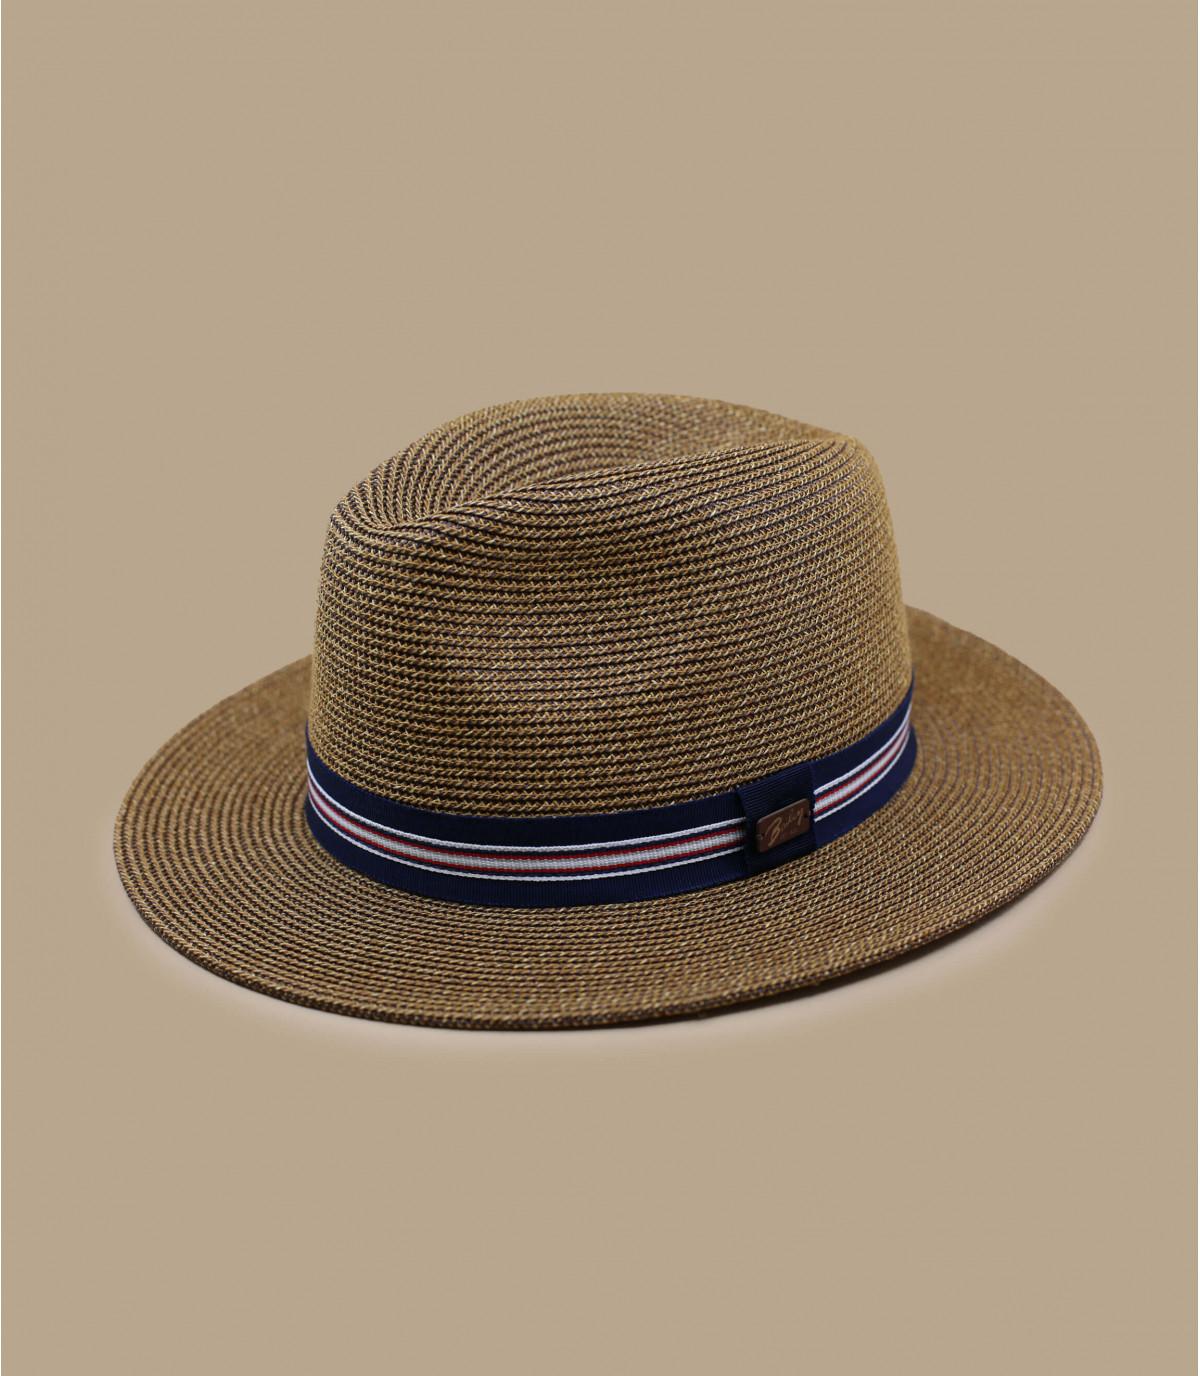 Bailey cappello di paglia